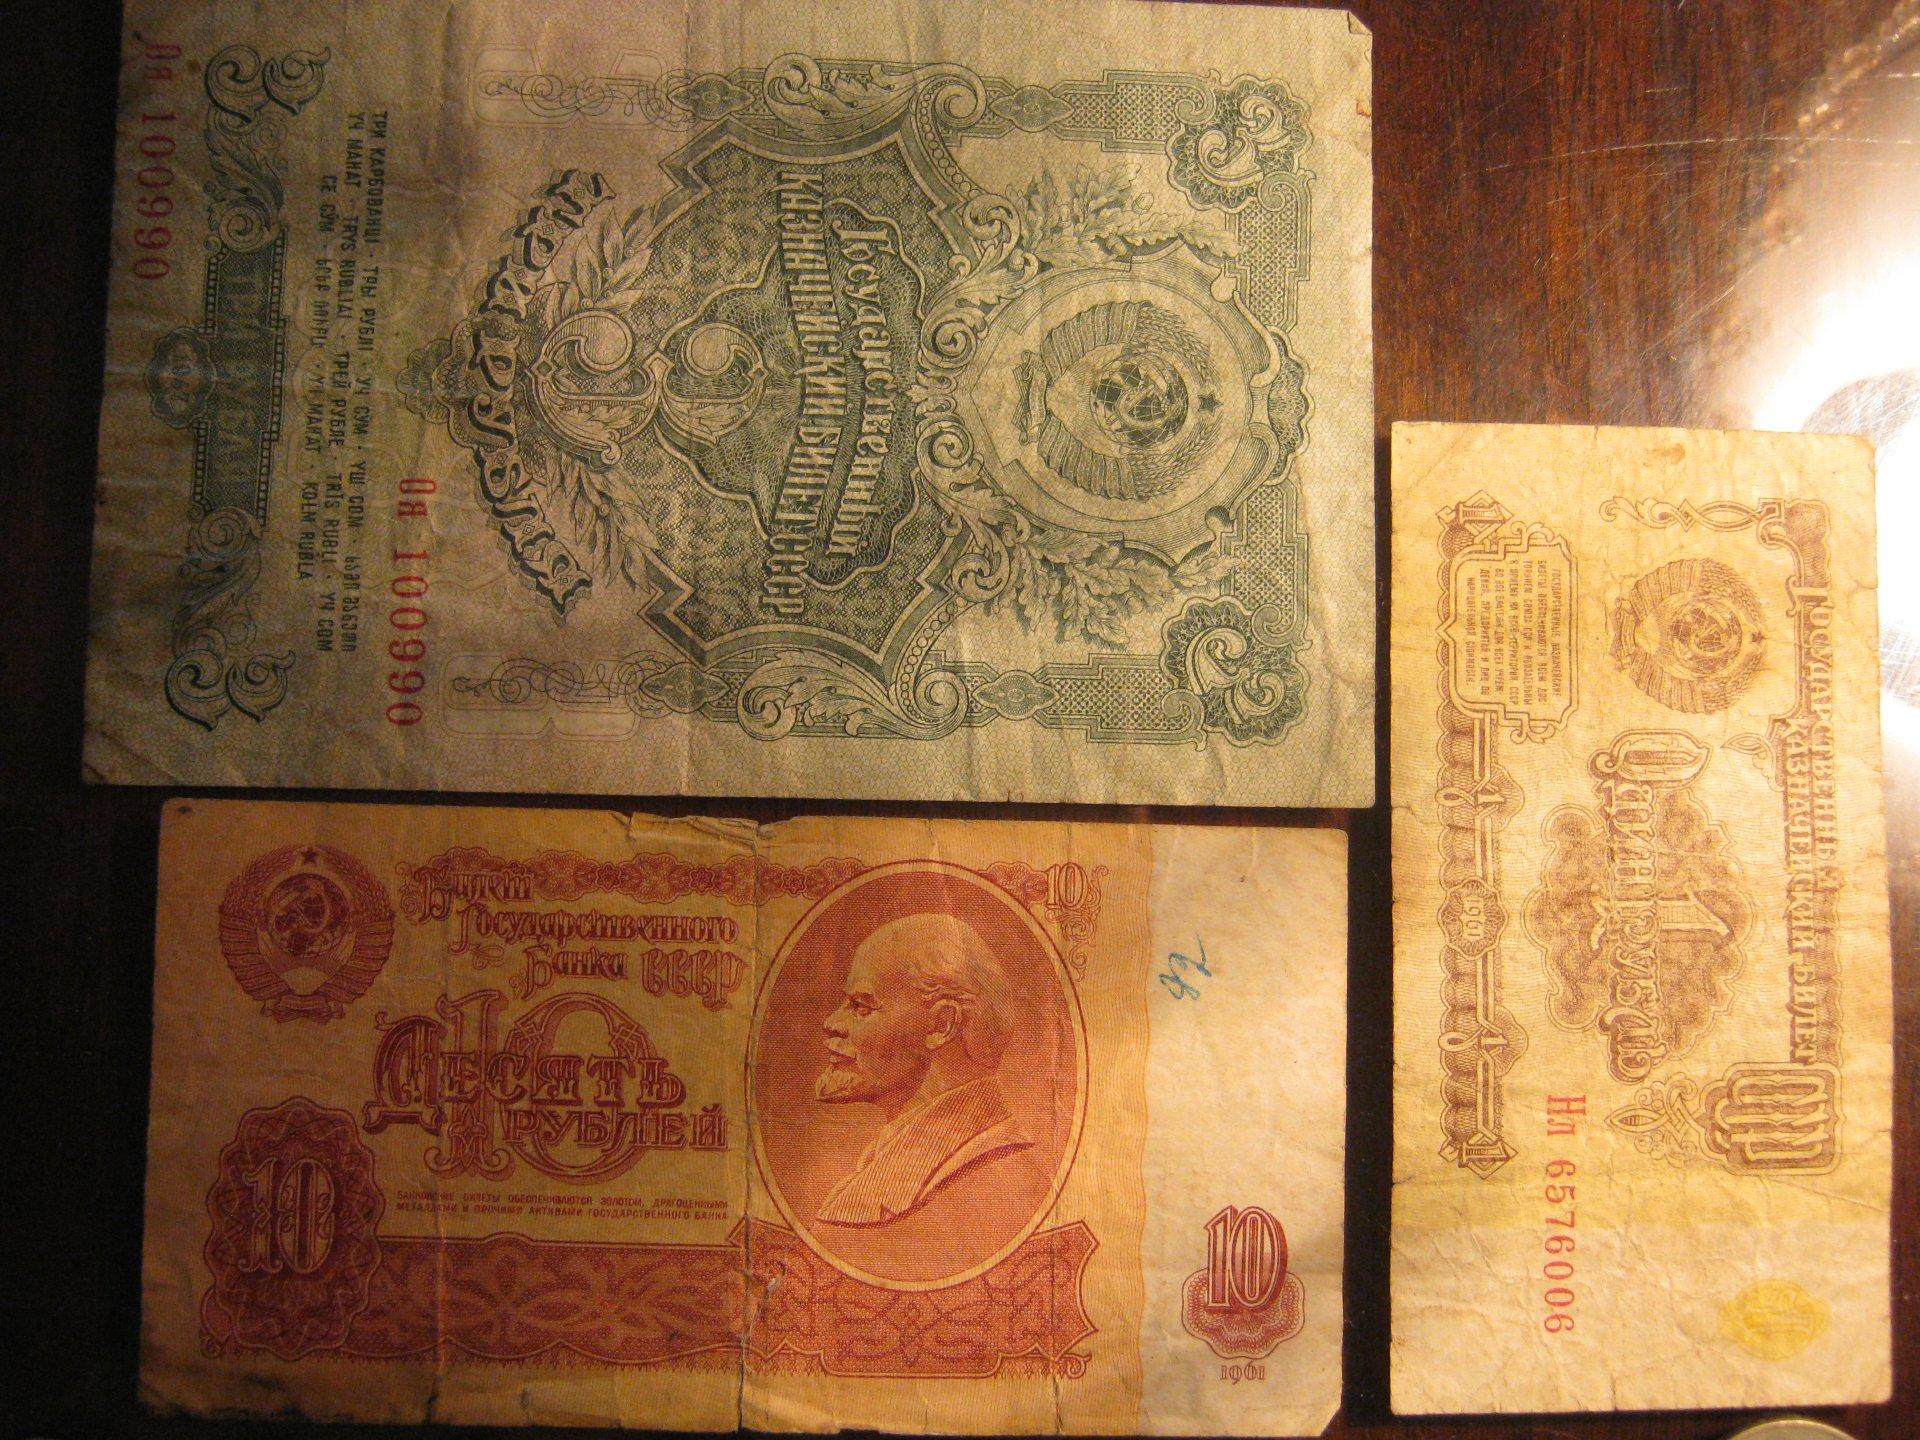 все советские валюты фото мост